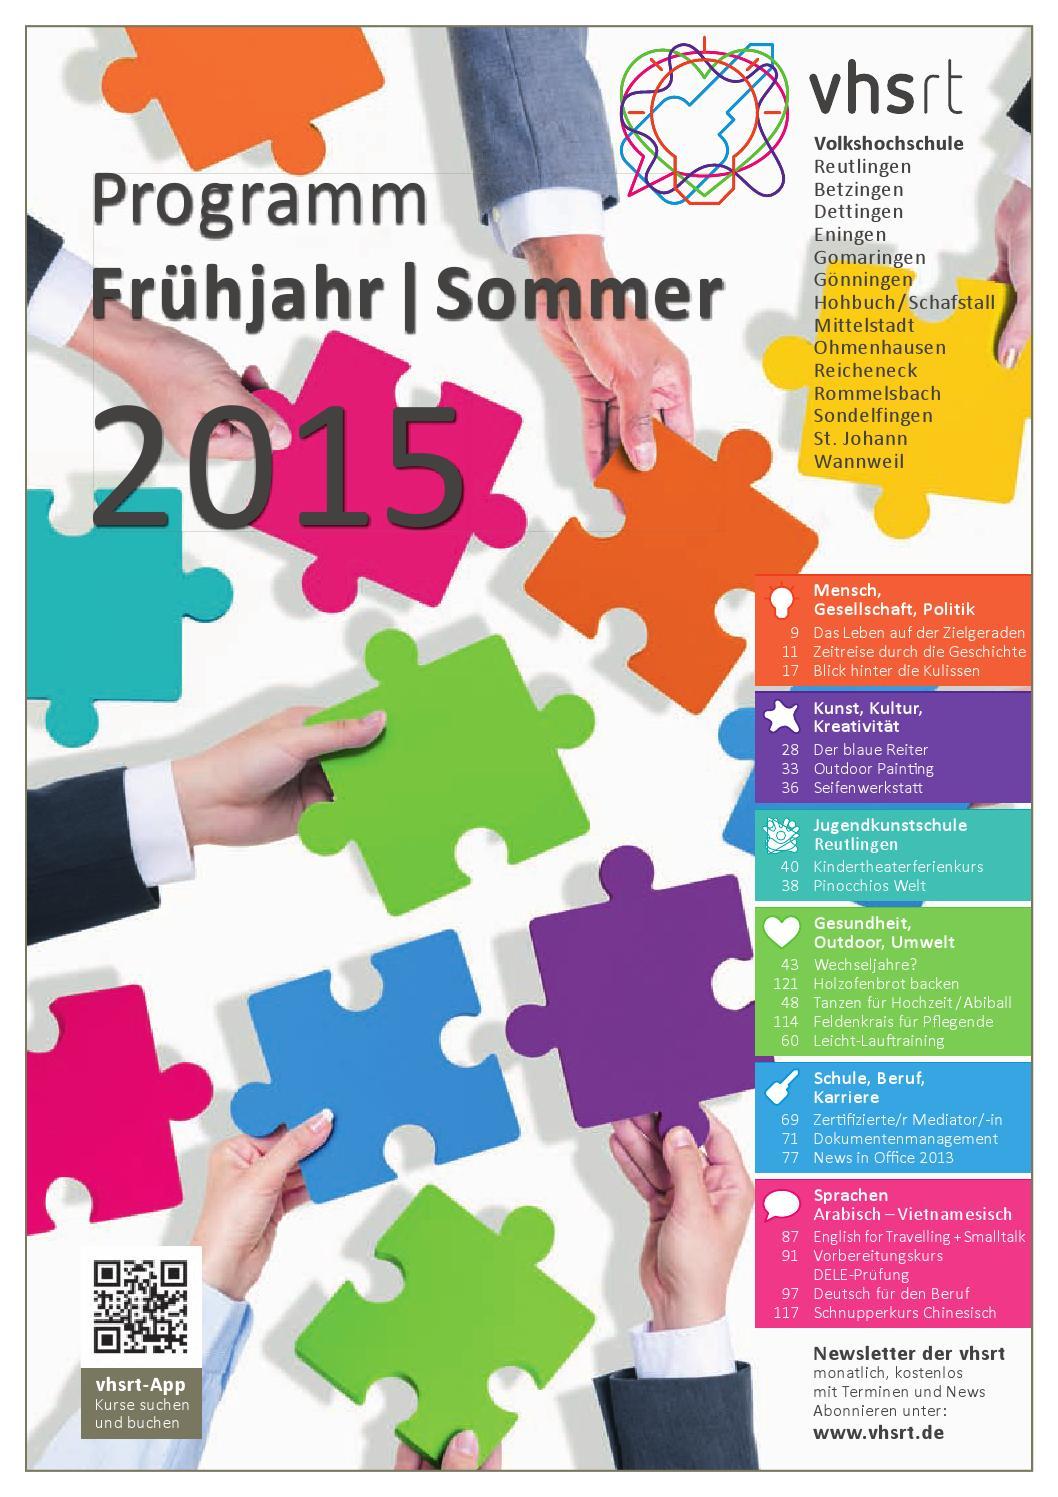 Programm Frühjahr/Sommer 2015 by Volkshochschule Reutlingen - issuu